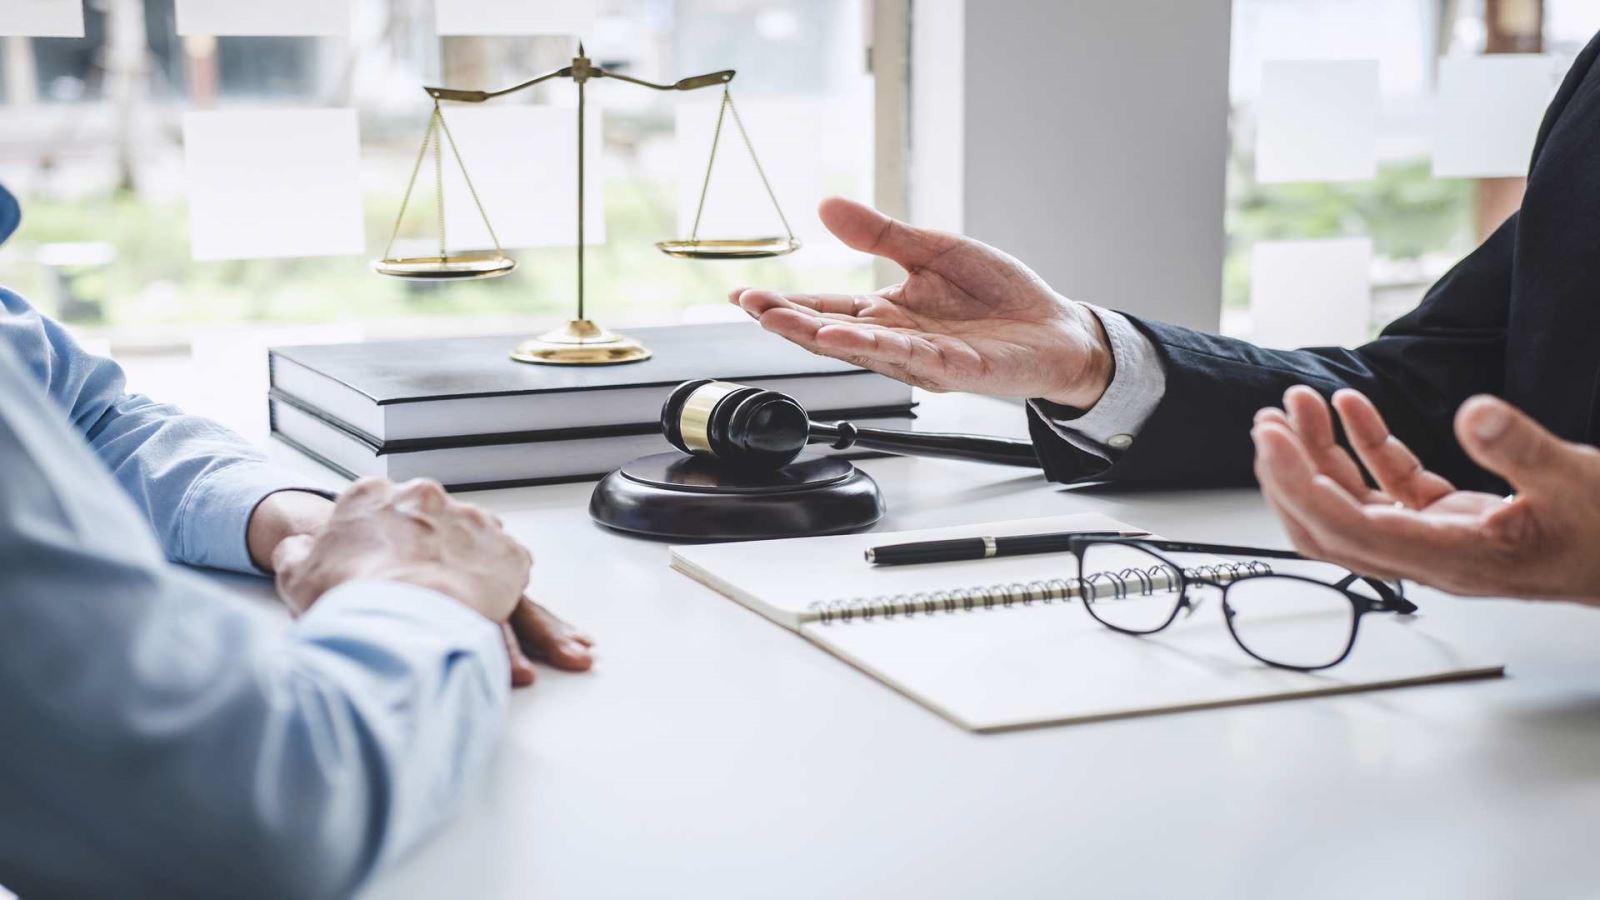 עורך דין נותן חוות דעת בדיני עבודה